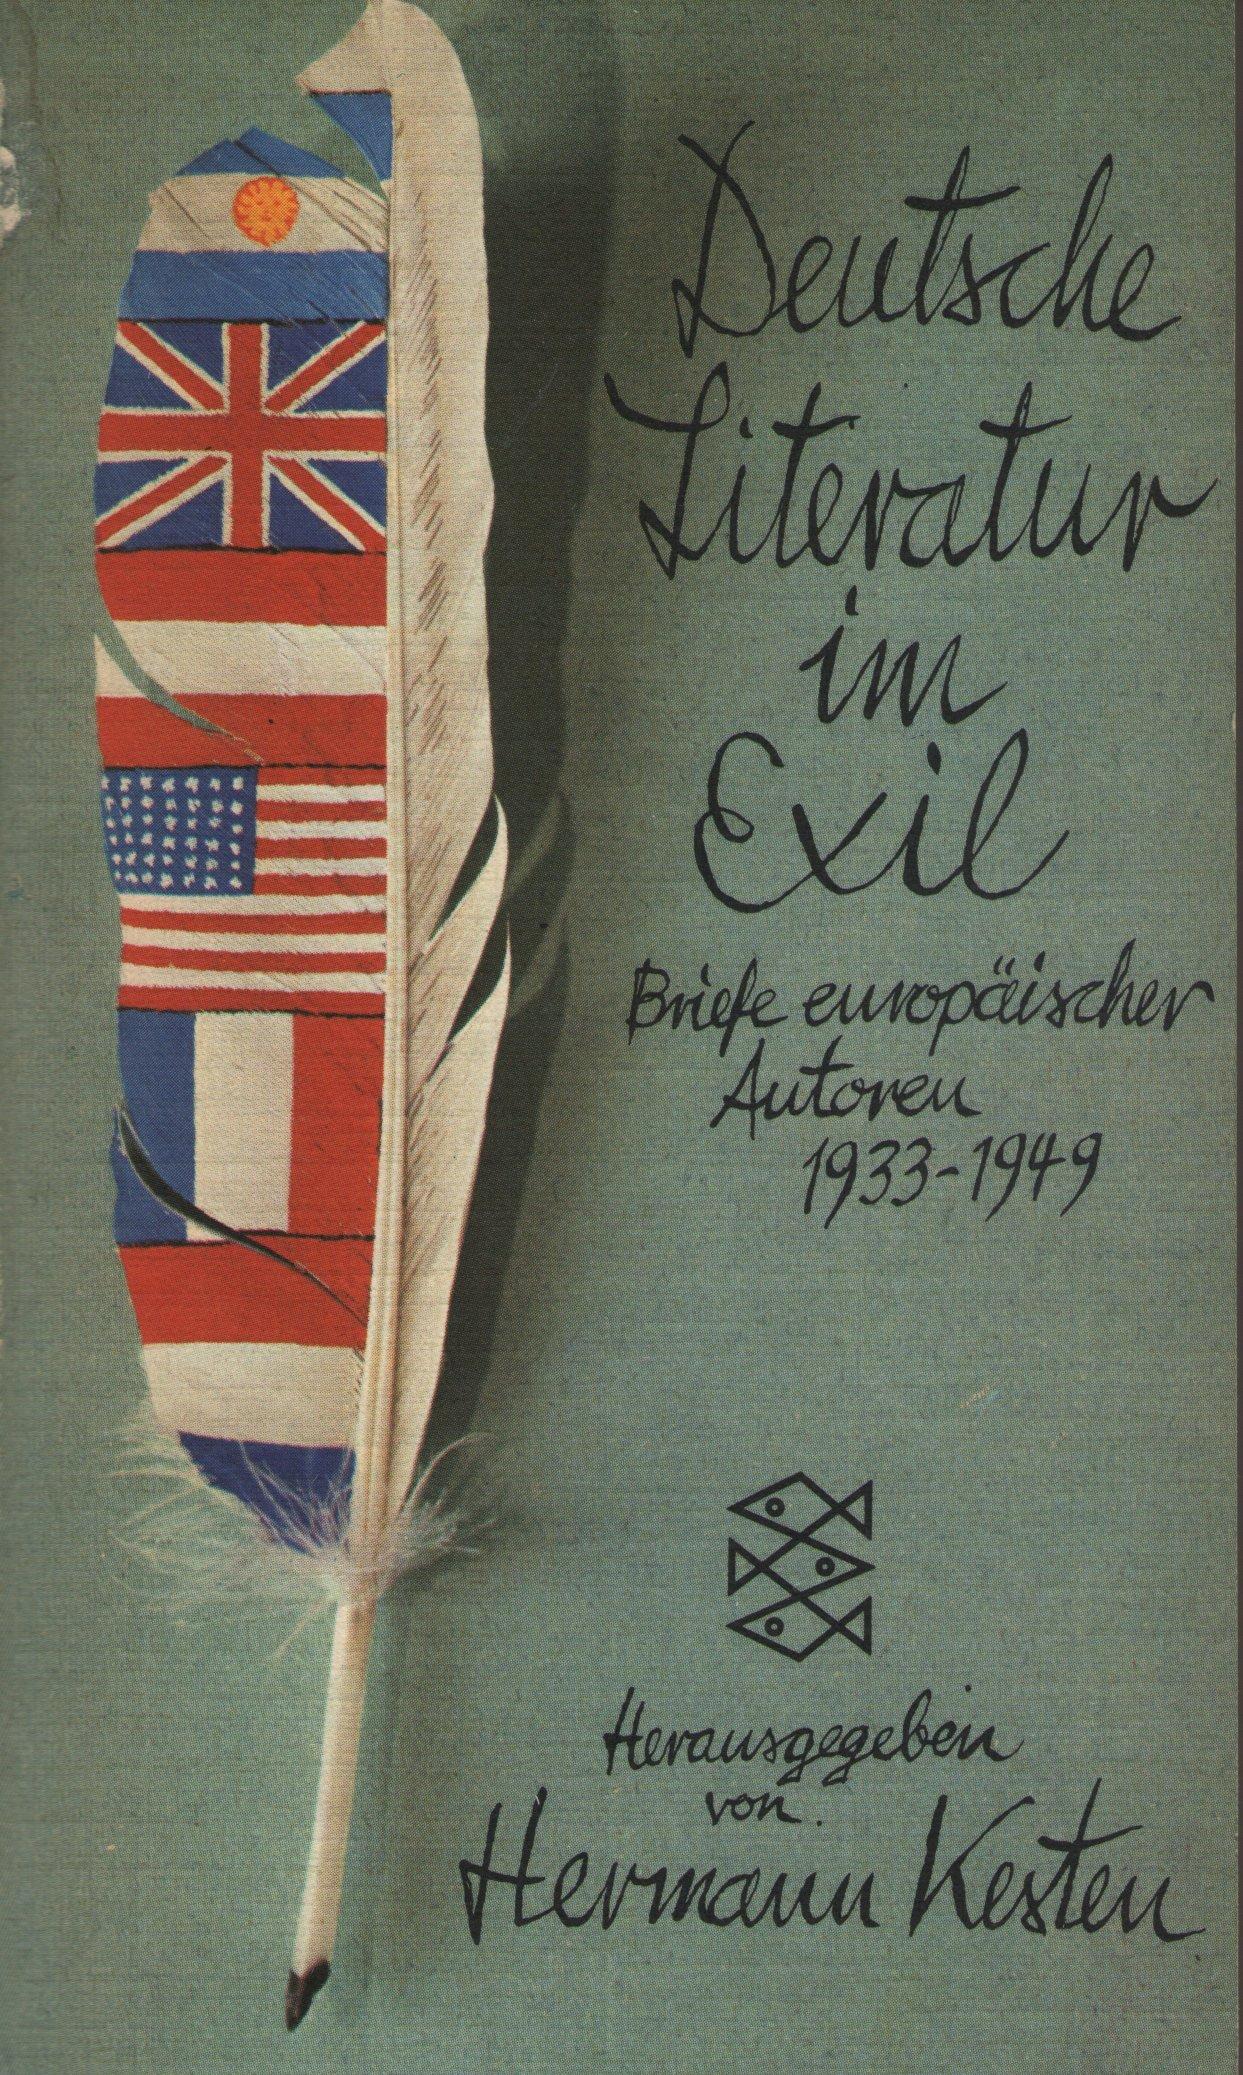 Deutsche Literatur im Exil. Briefe europäischer Autoren 1933 - 1949.